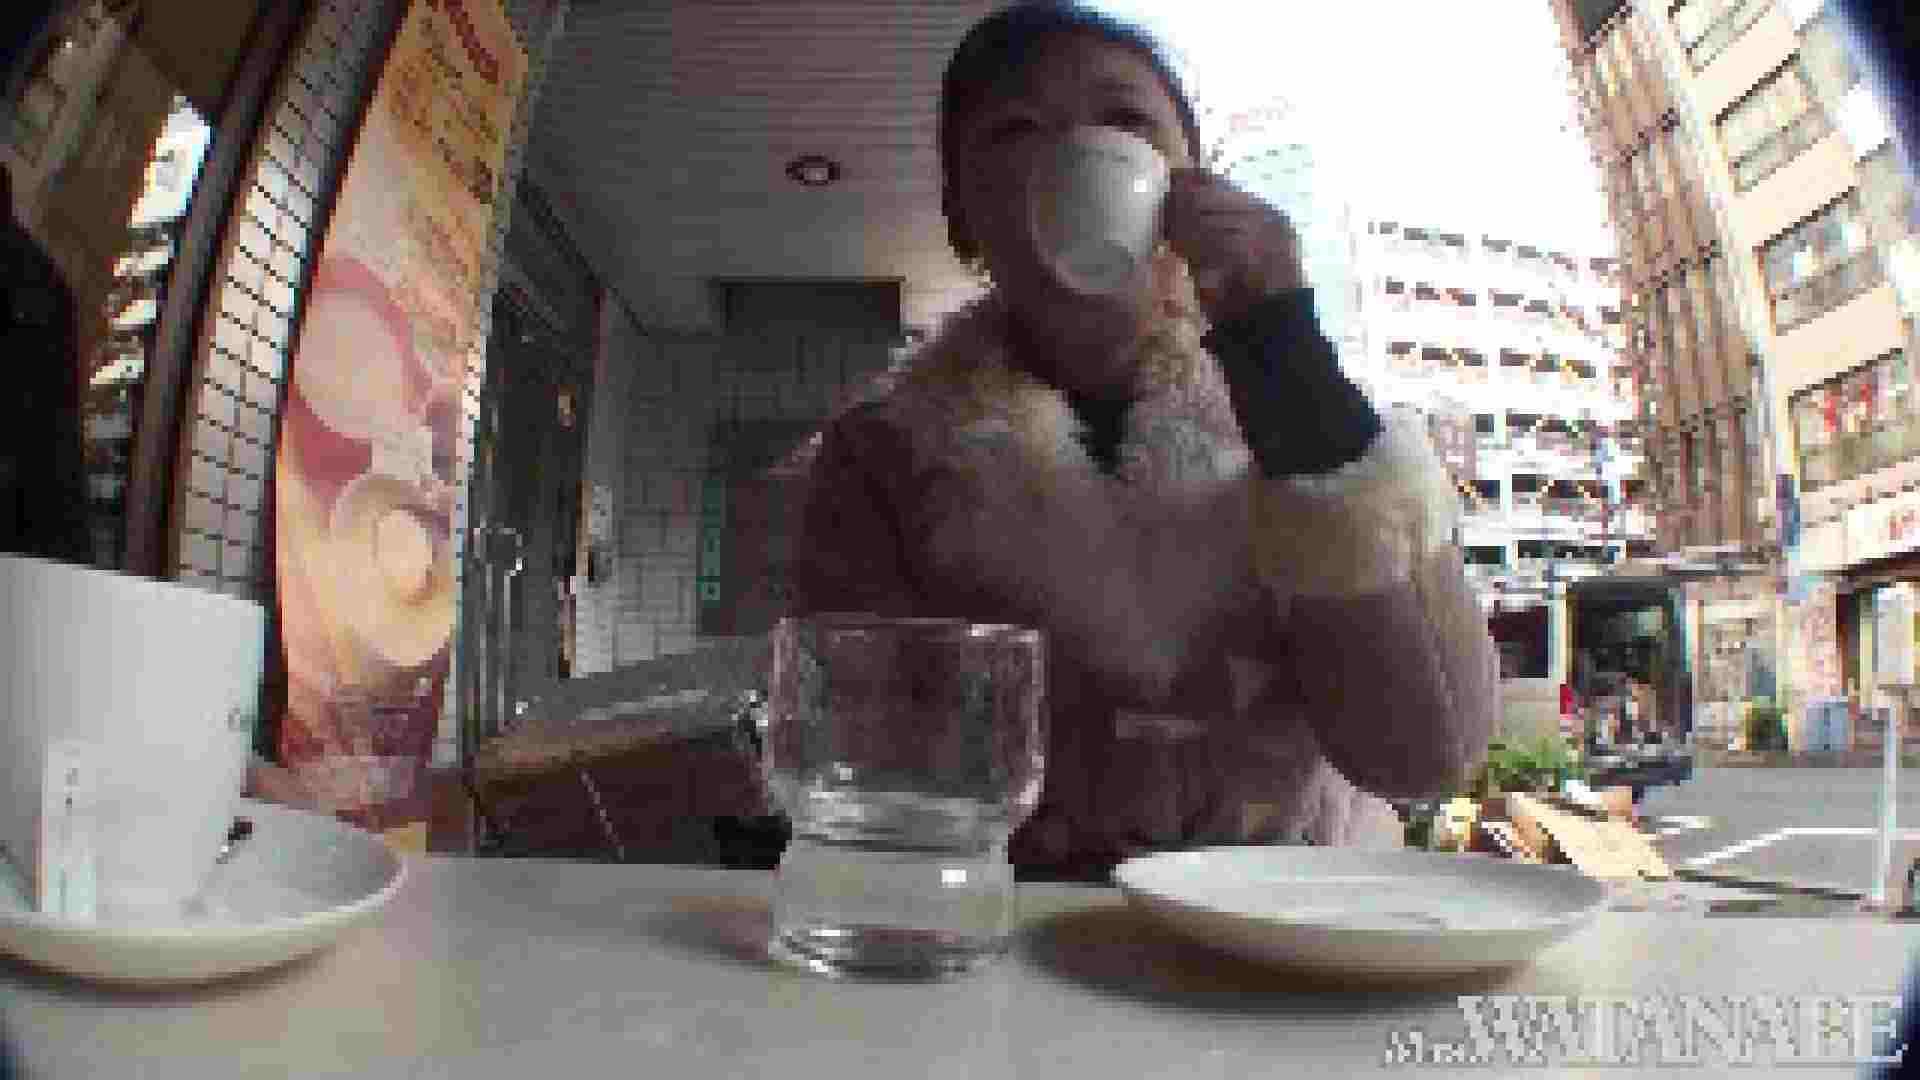 撮影スタッフを誘惑する痴熟女 かおり40歳 Vol.01 OLのエッチ オマンコ動画キャプチャ 73pic 58